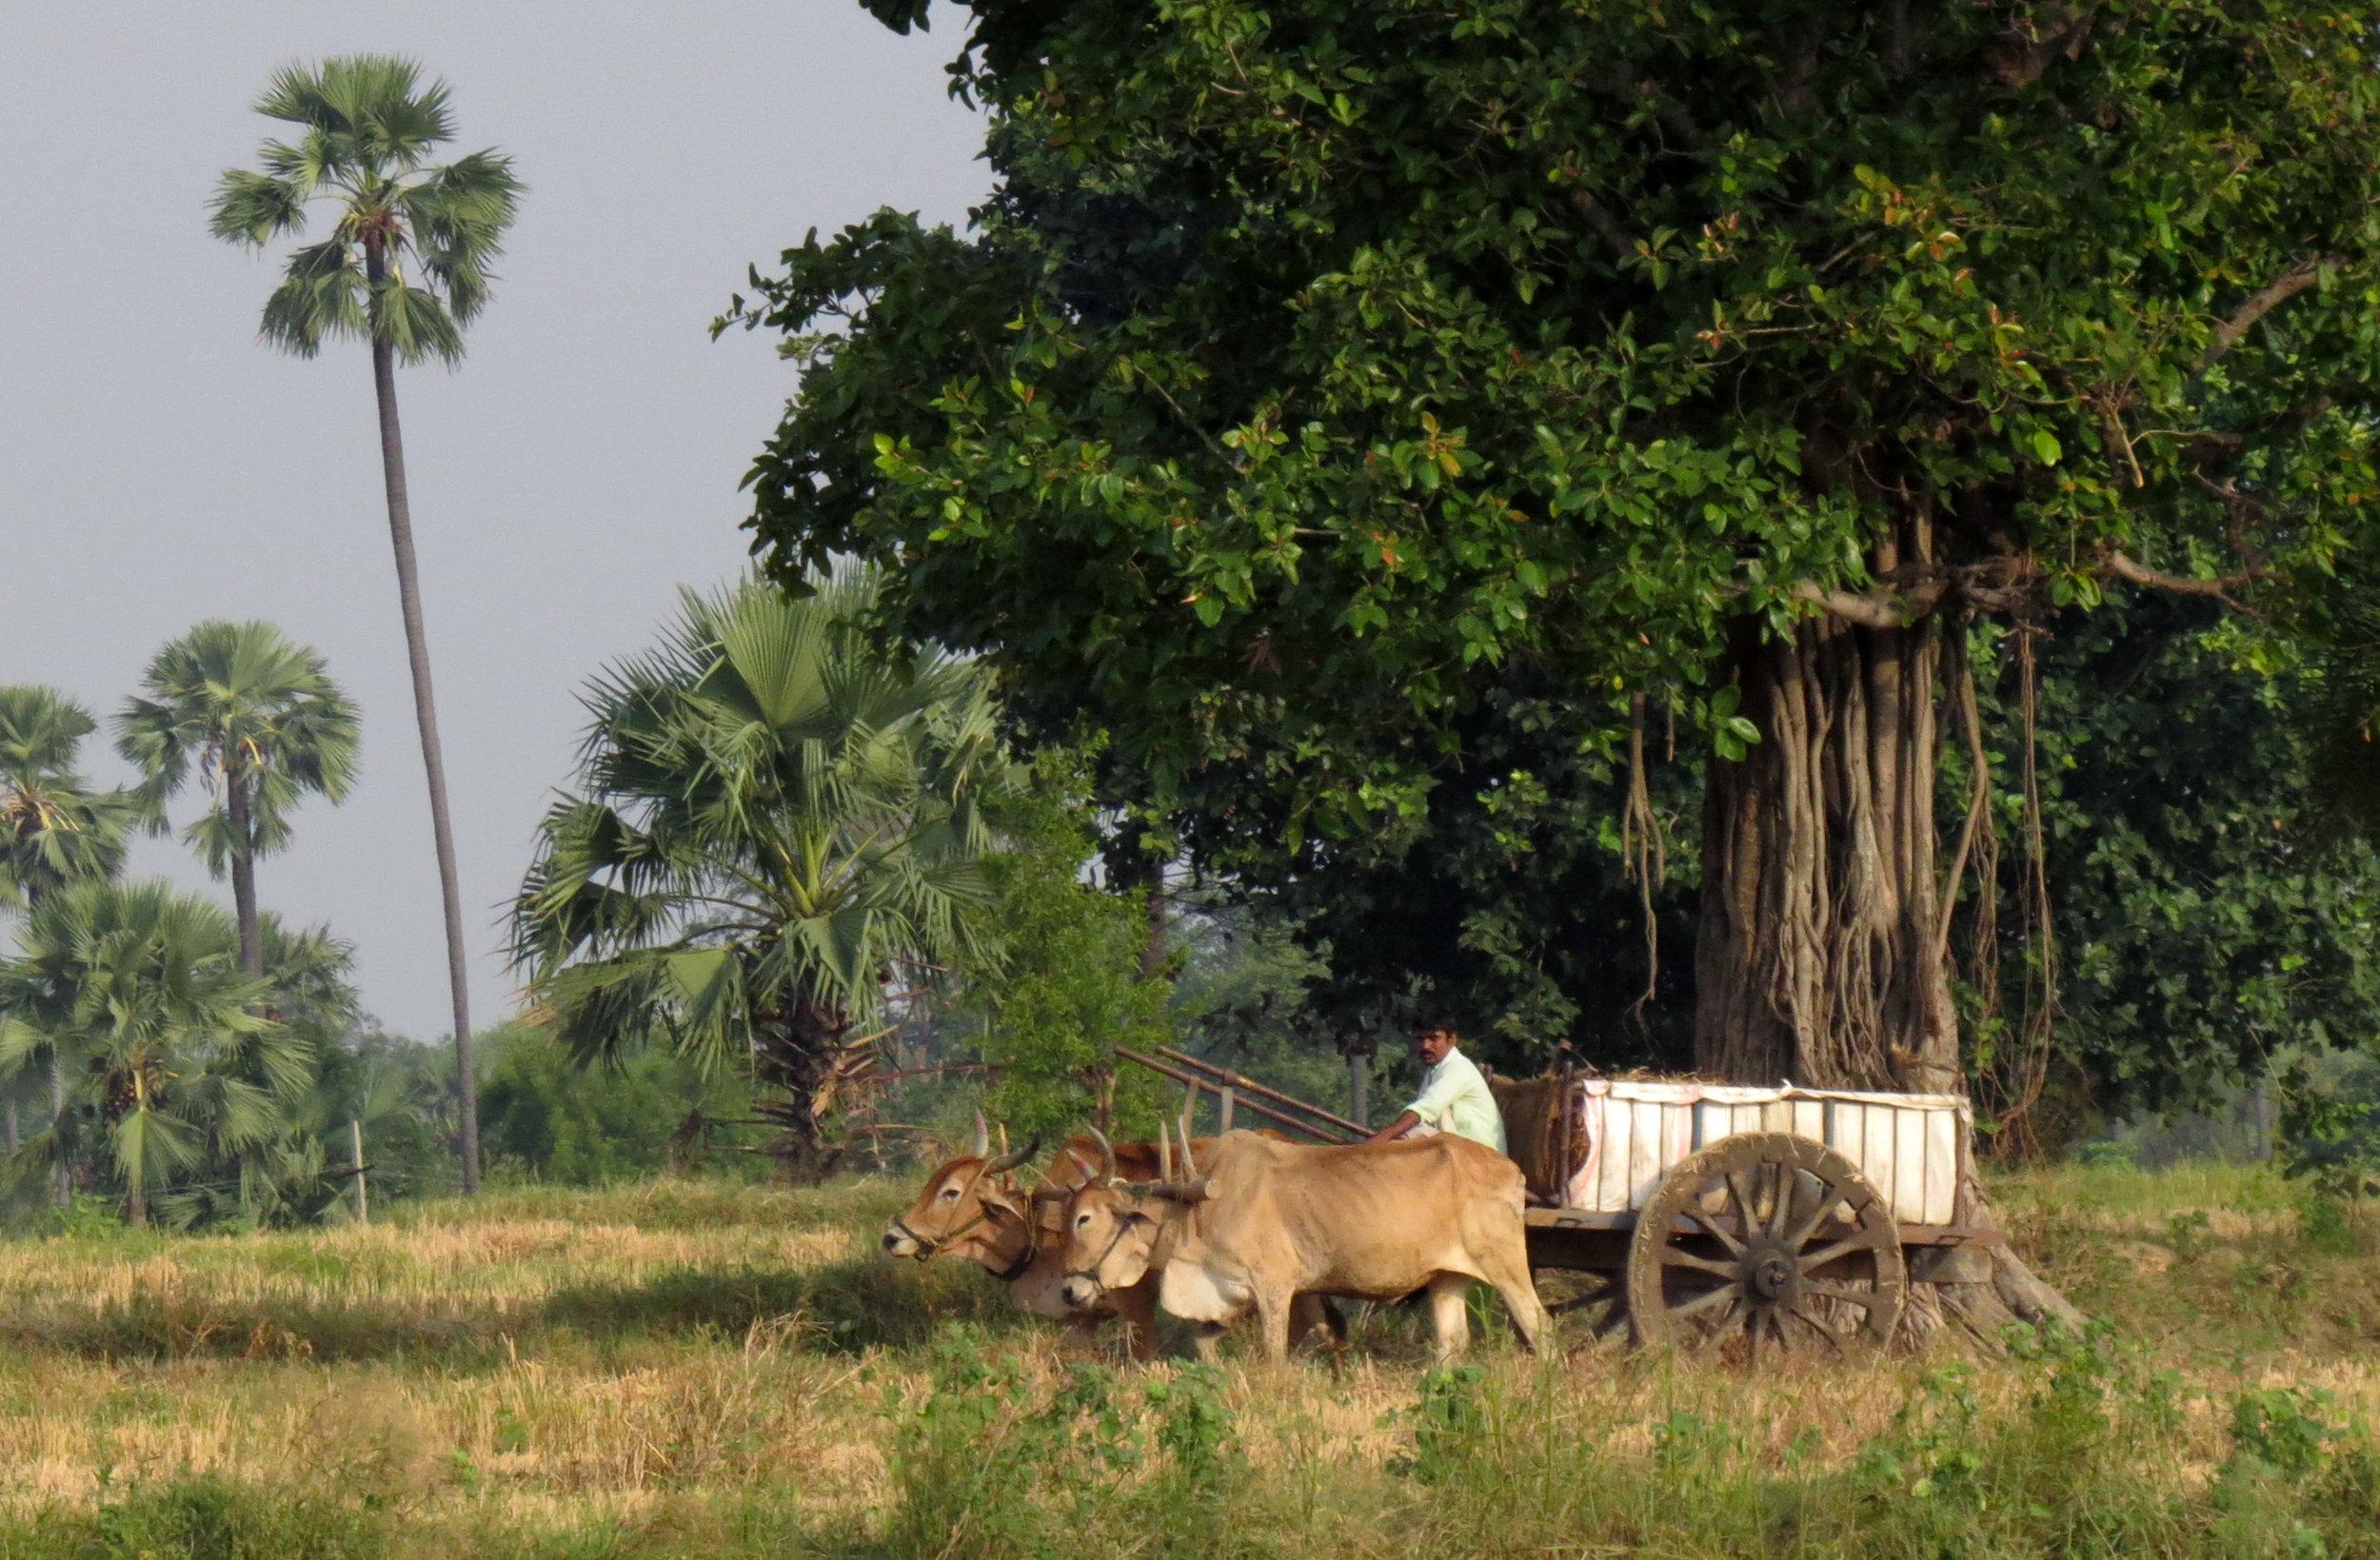 Telangana farmer drives bullock cart to fertilise fields